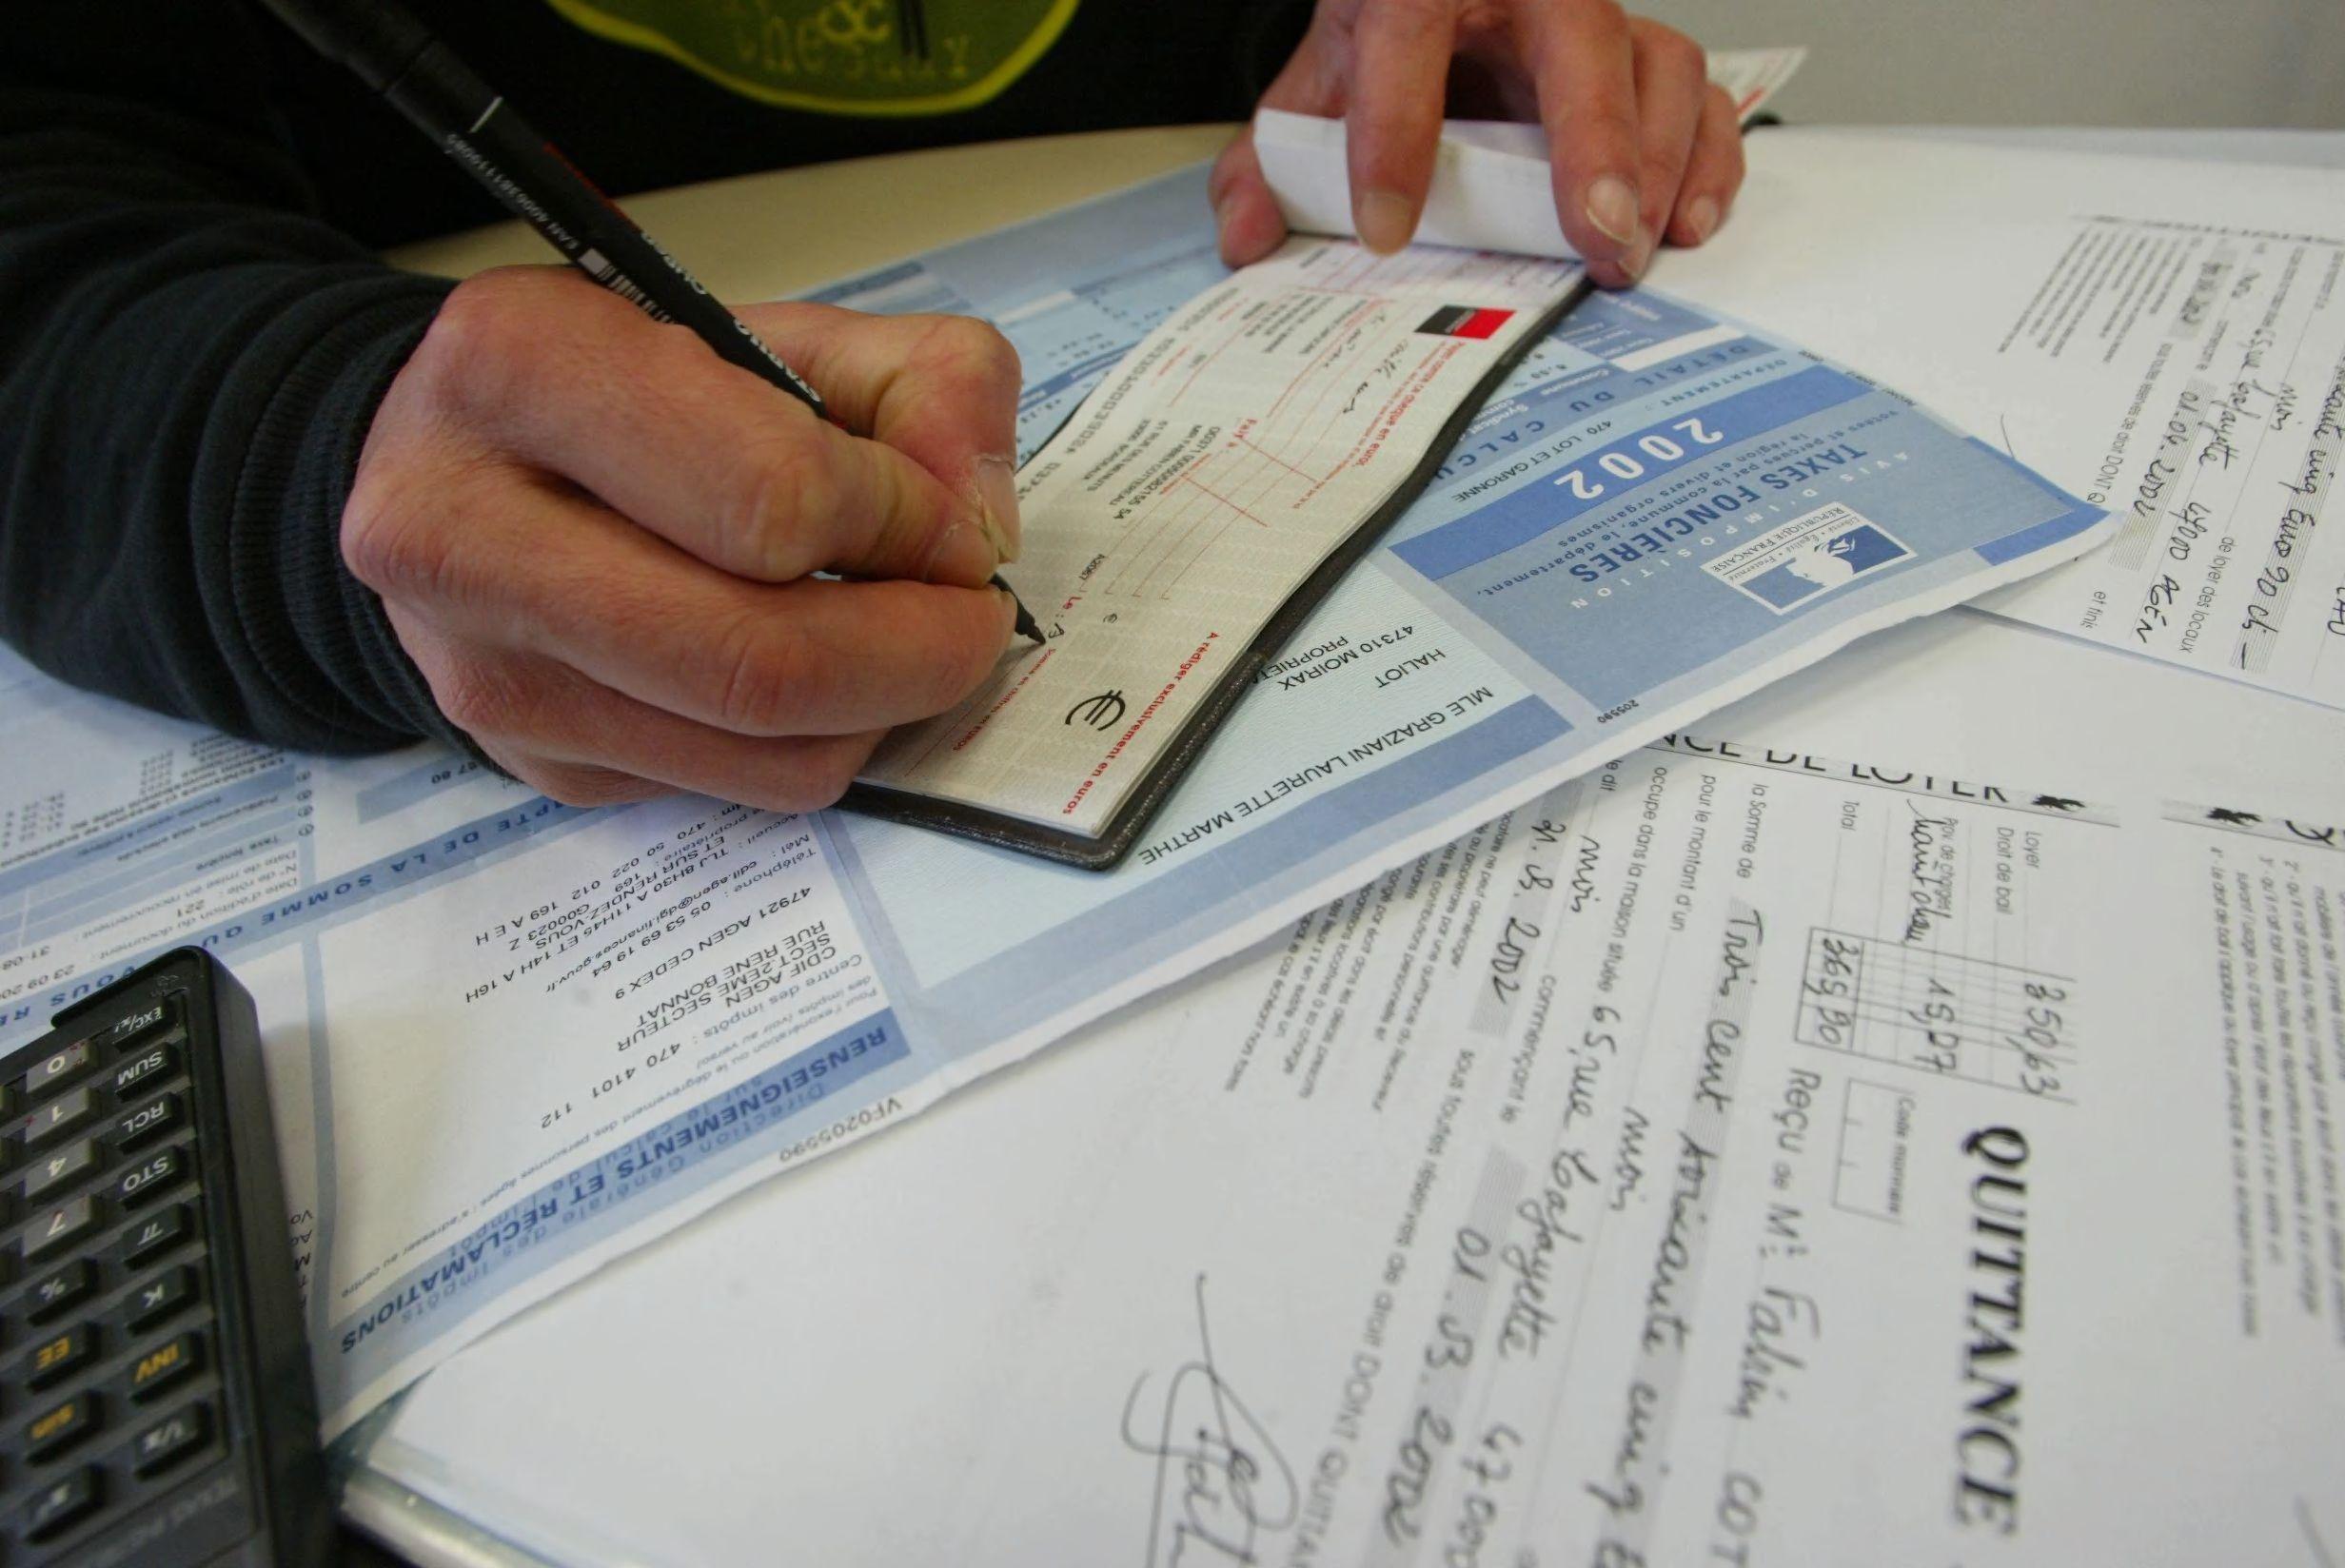 Fiscalité taxes prªts démªler le vrai du faux Actualités